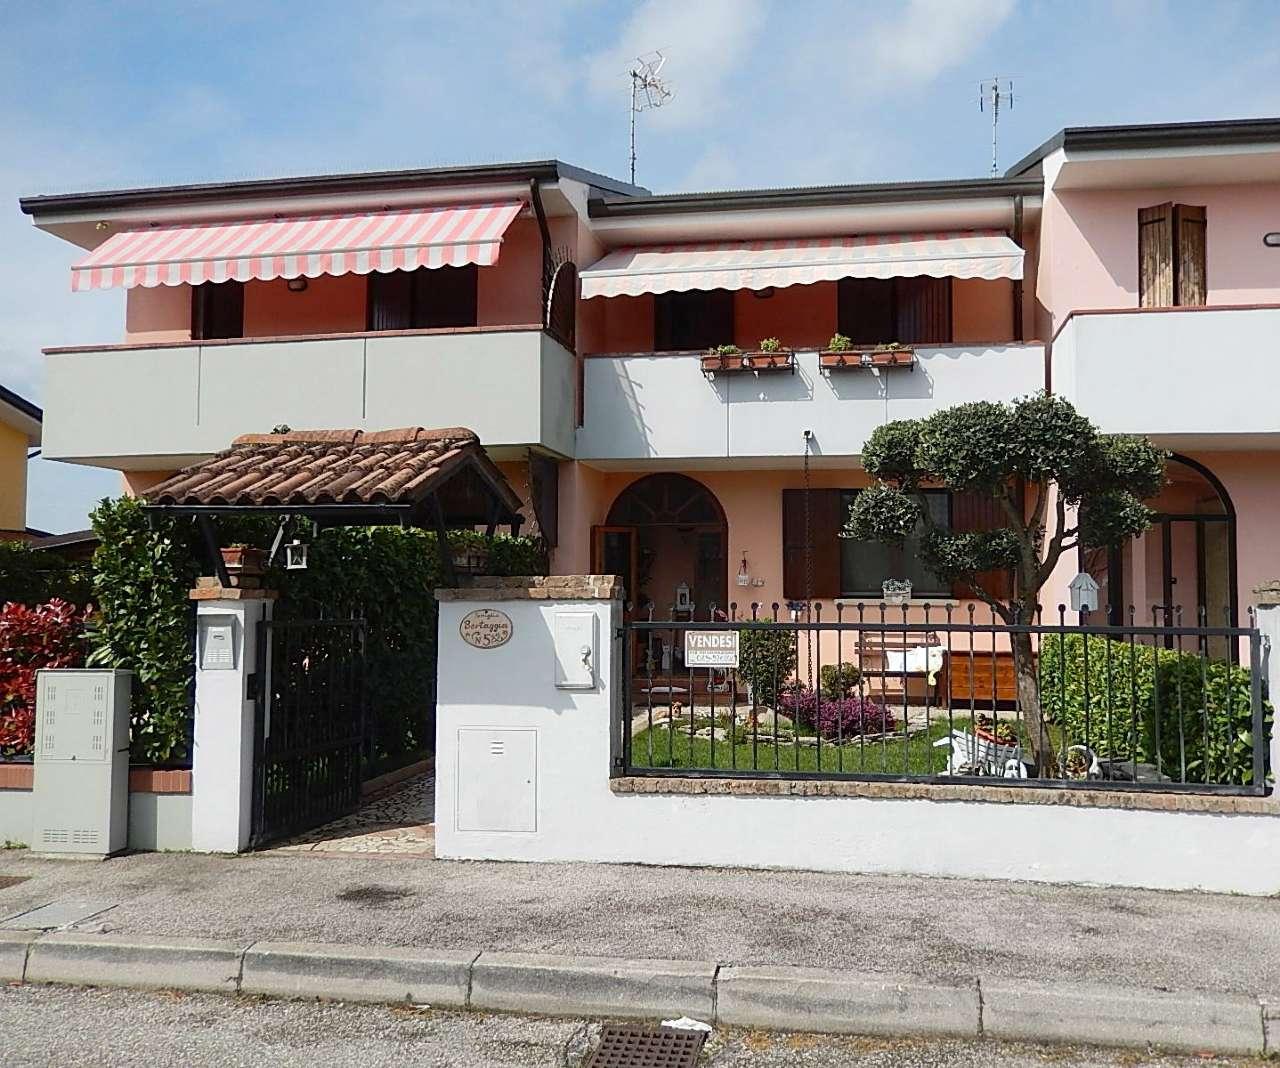 Villa correzzola vendita 110 mq doppi servizi for Piani di casa ranch unici